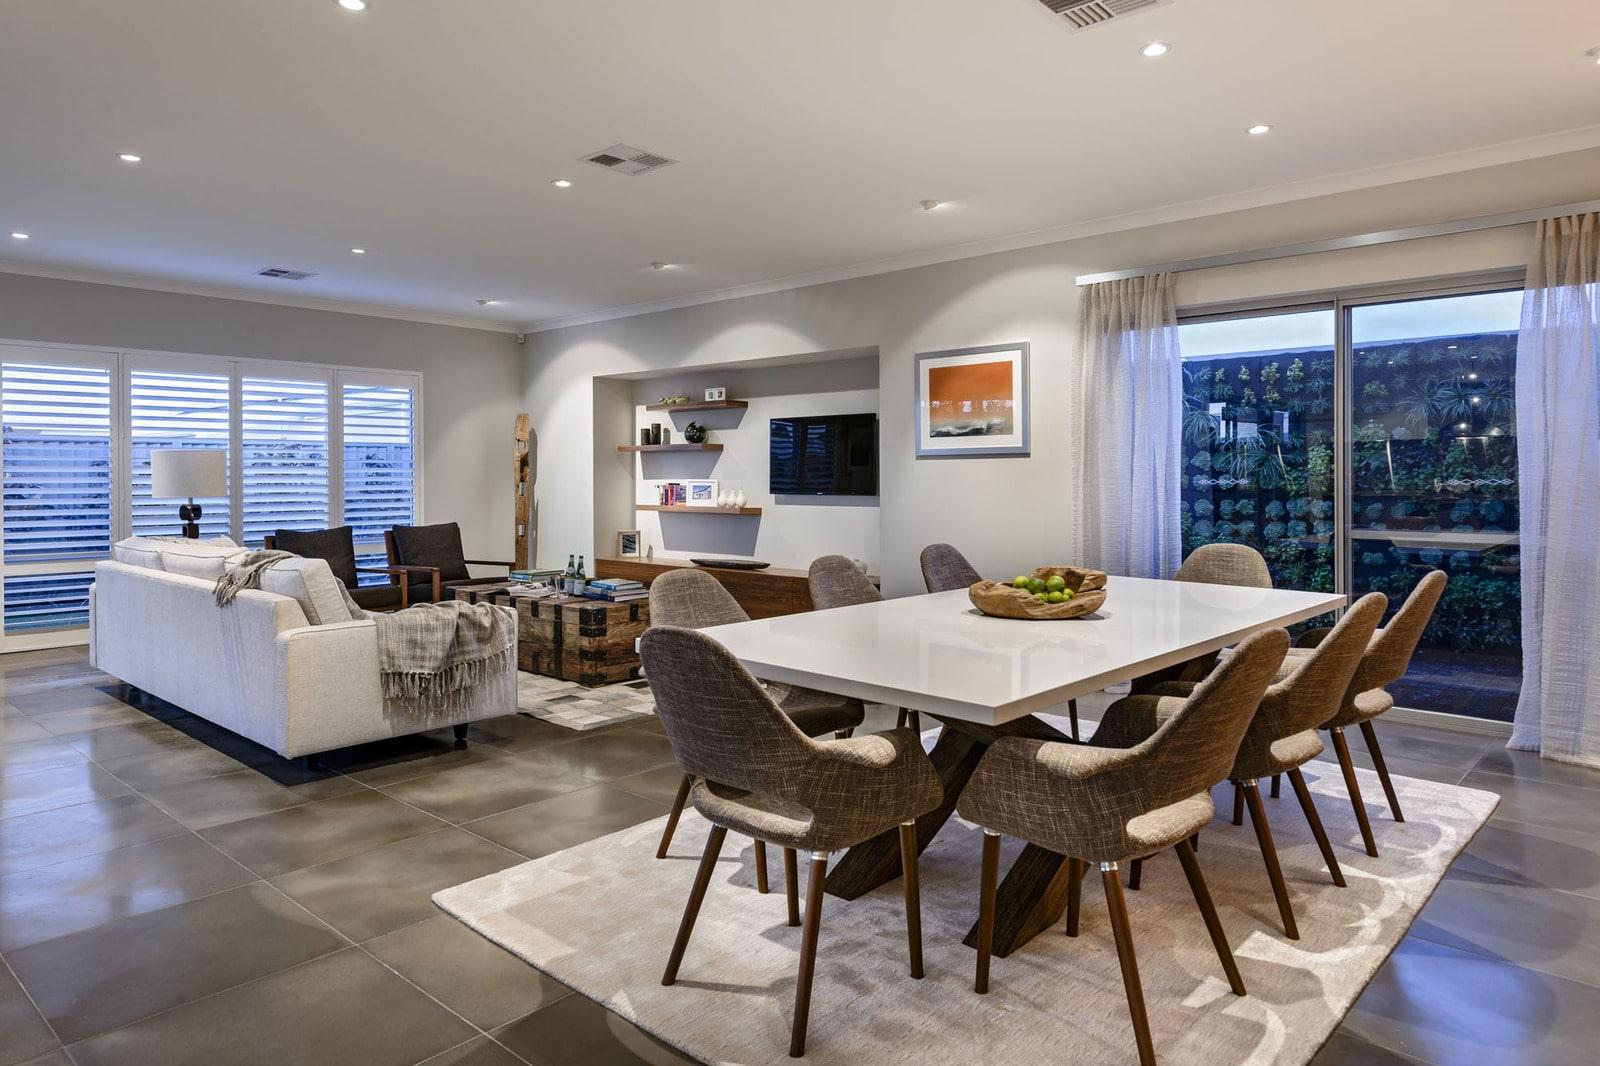 Dise o de comedor con sillas acolchadas construye hogar for Diseno living comedor